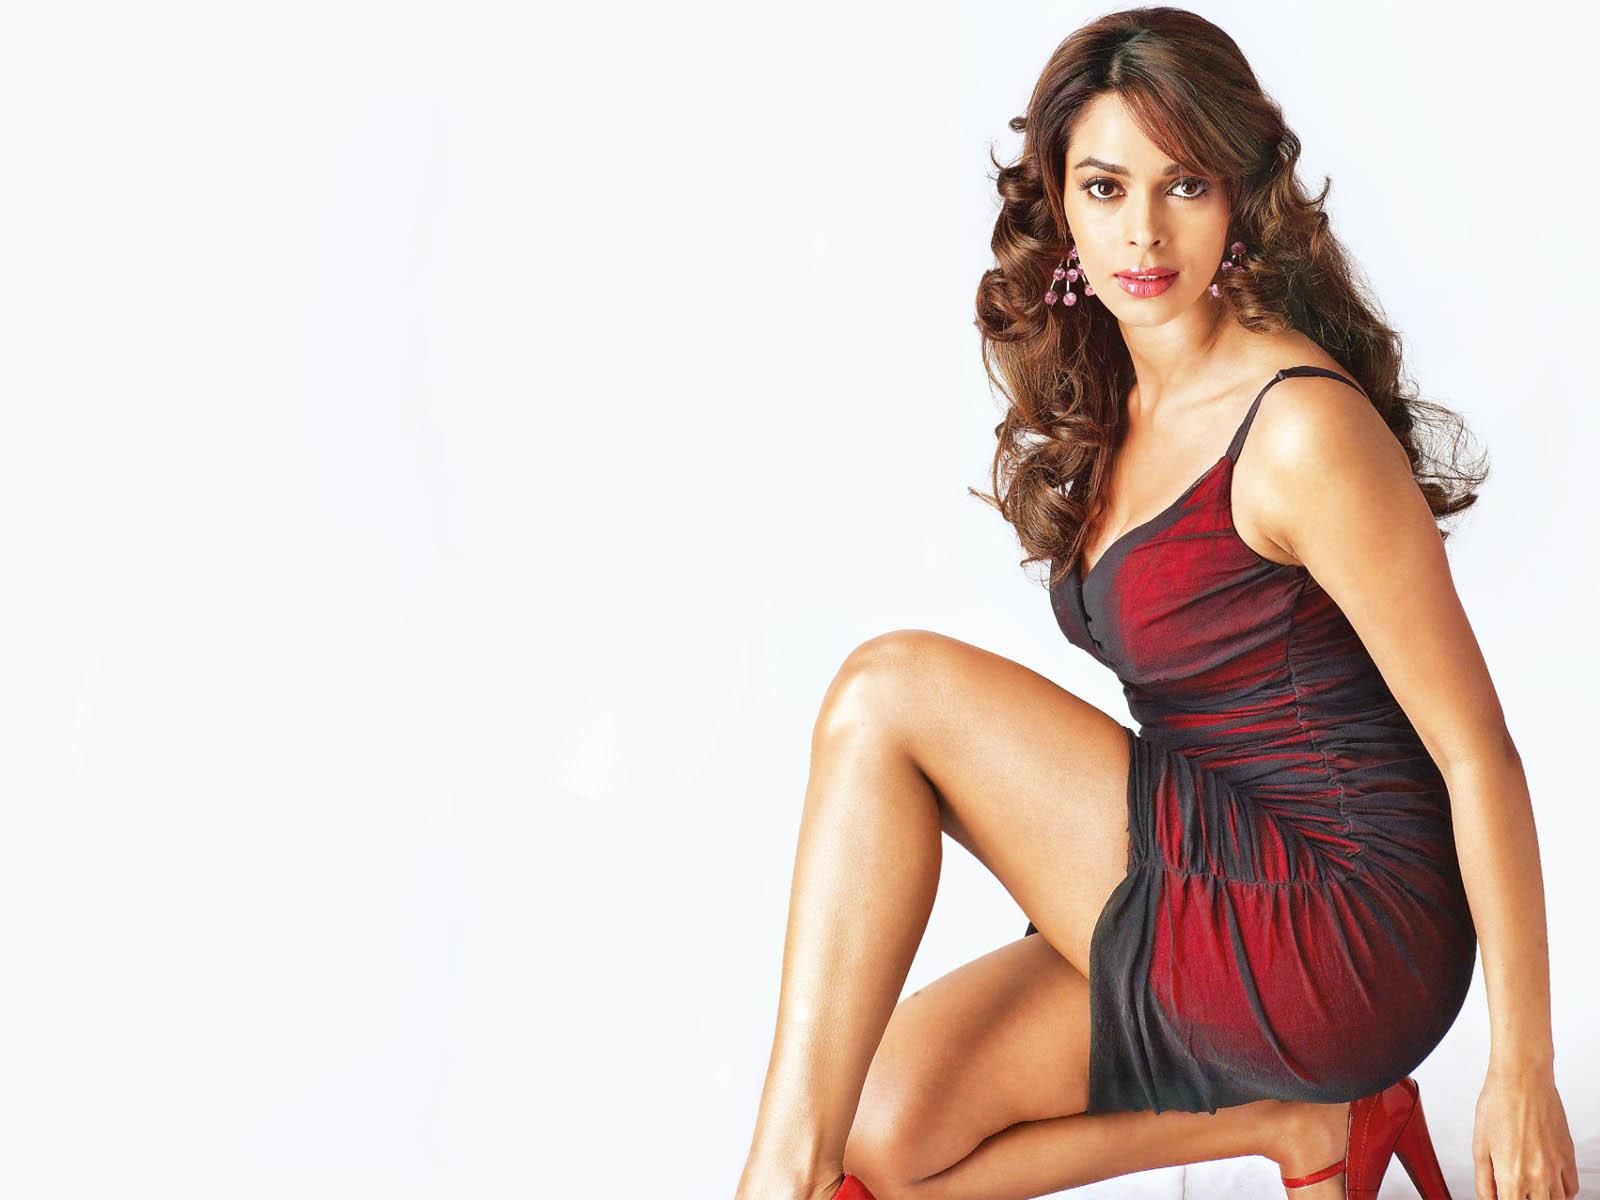 http://4.bp.blogspot.com/-E0FBdDQpHtY/TmpkIwEVSxI/AAAAAAAAF-o/pwAuHSHQ764/s1600/Bollywood+actress+super+psuperos.jpg